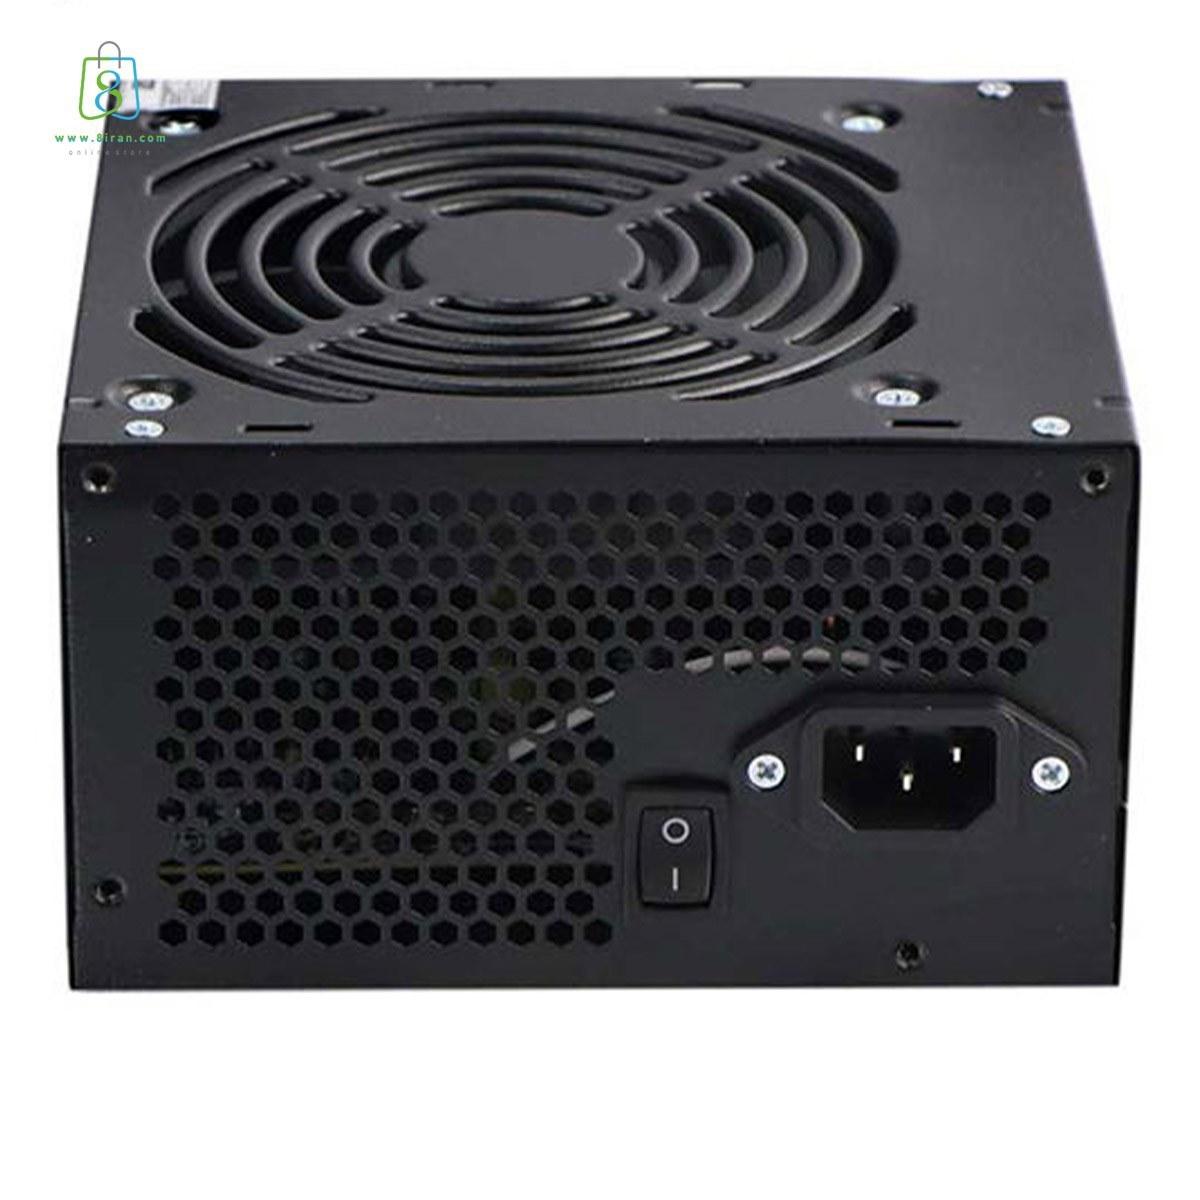 تصویر پاور سادیتا 300 وات فن بزرگ SP-300w Power SADATA 300 Watt Big Fan SP-300w